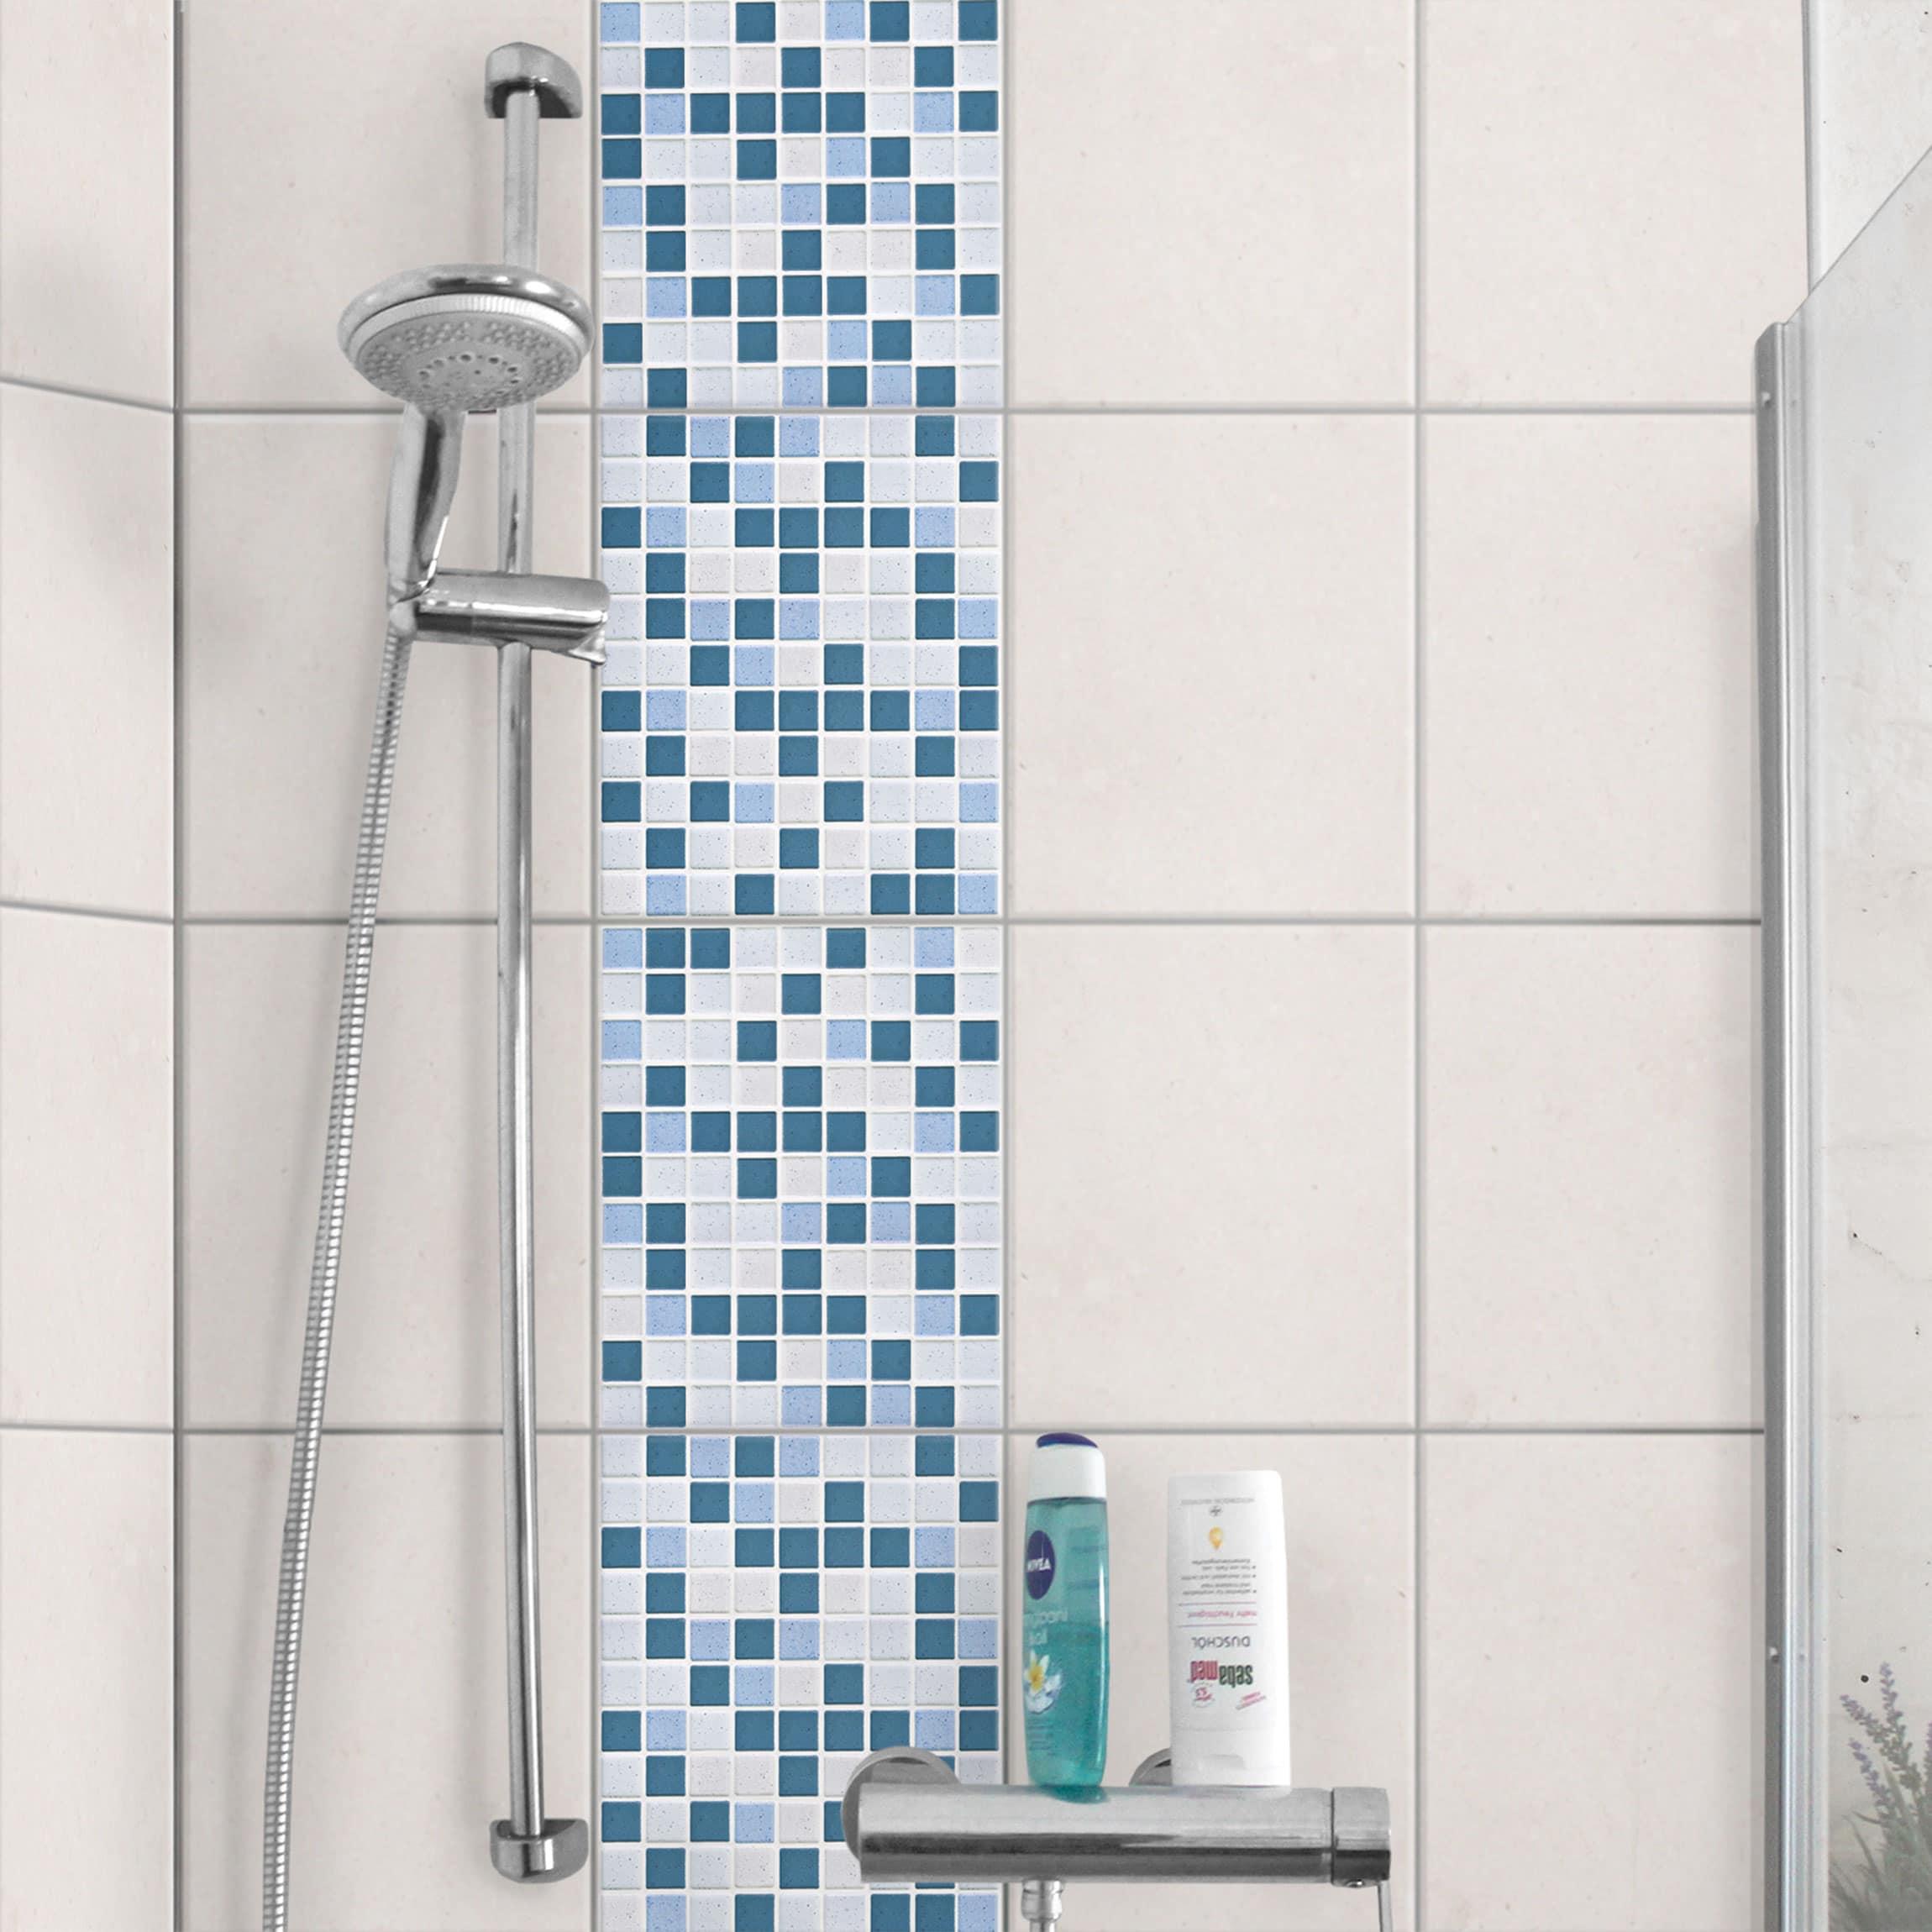 Fliesen Bordure Mosaikfliesen Blau Grau 20x25 Fliesensticker Set